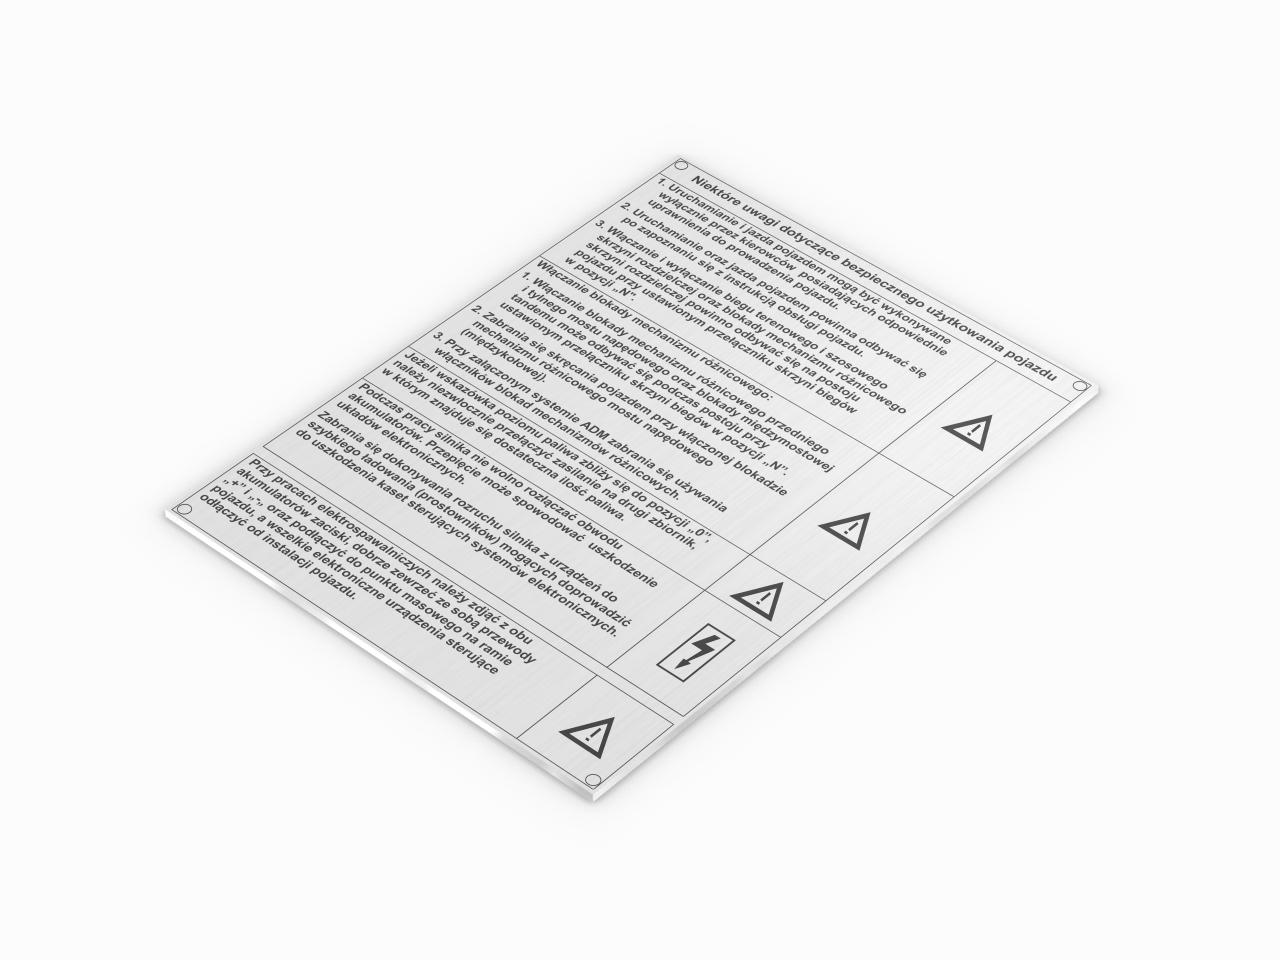 instrukcja obslugi tabliczka aluminiowa